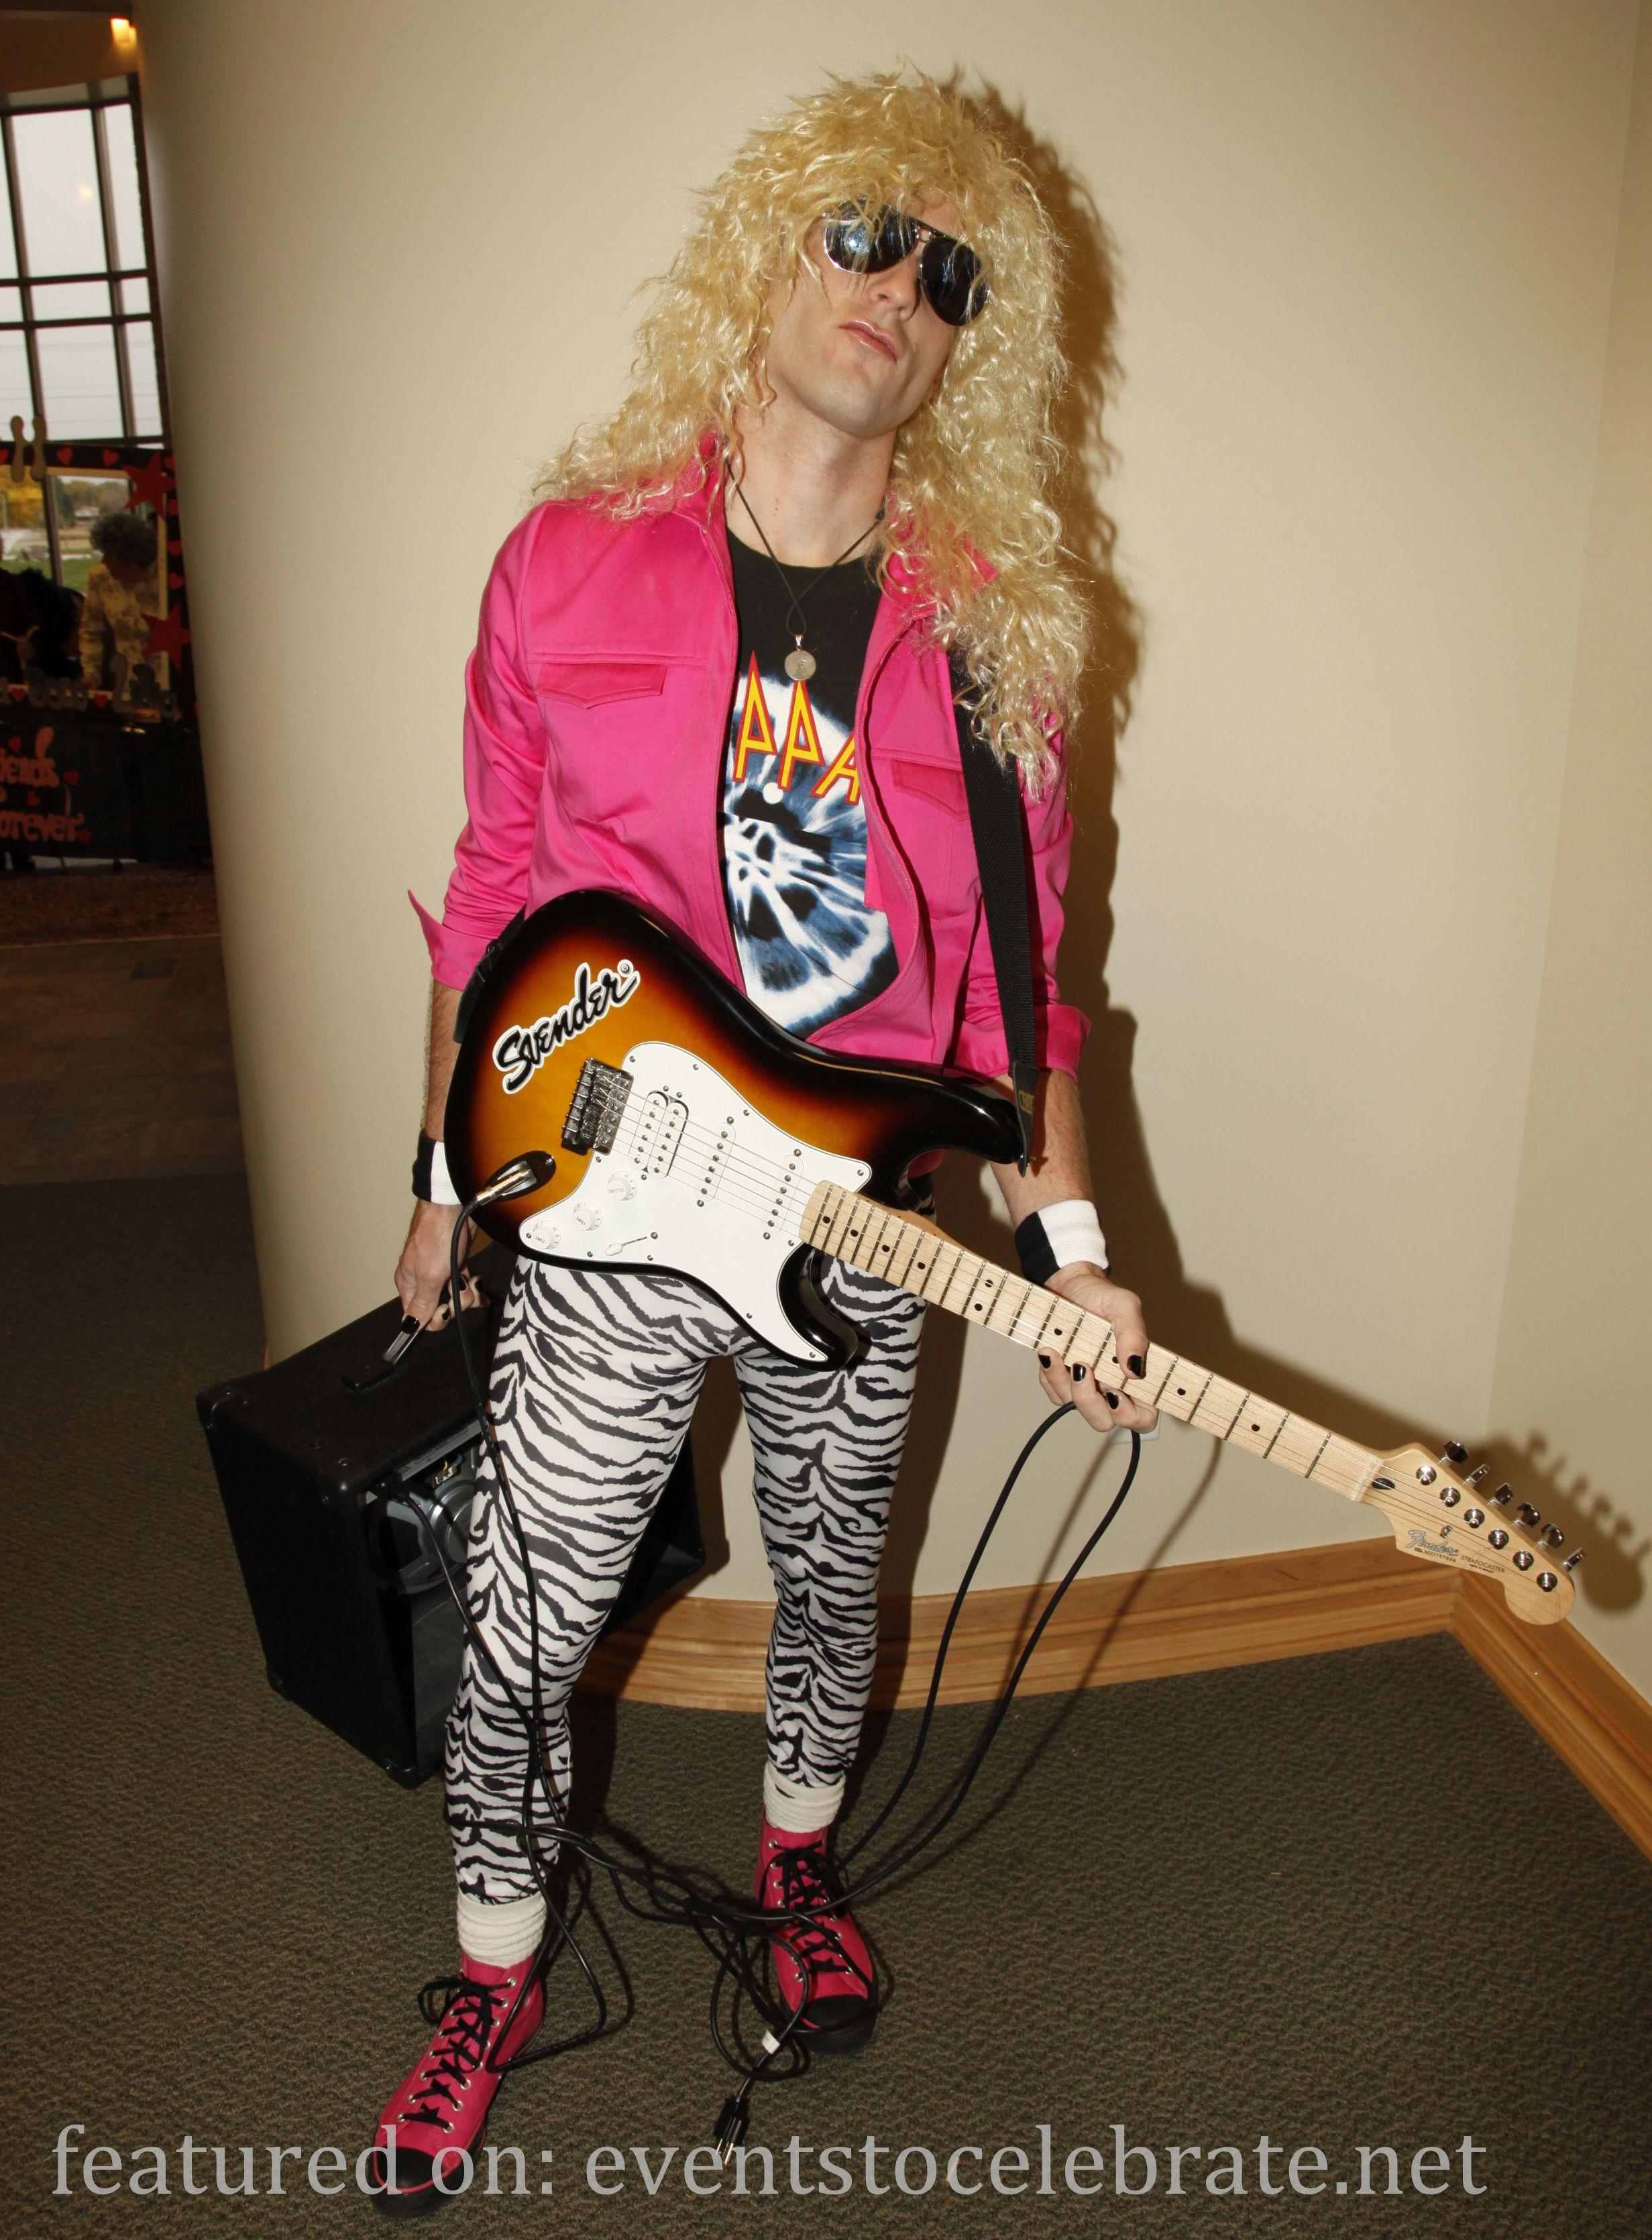 80s rocker halloween costume plus 42 diy halloween costume ideas - 80s Rocker Halloween Costume